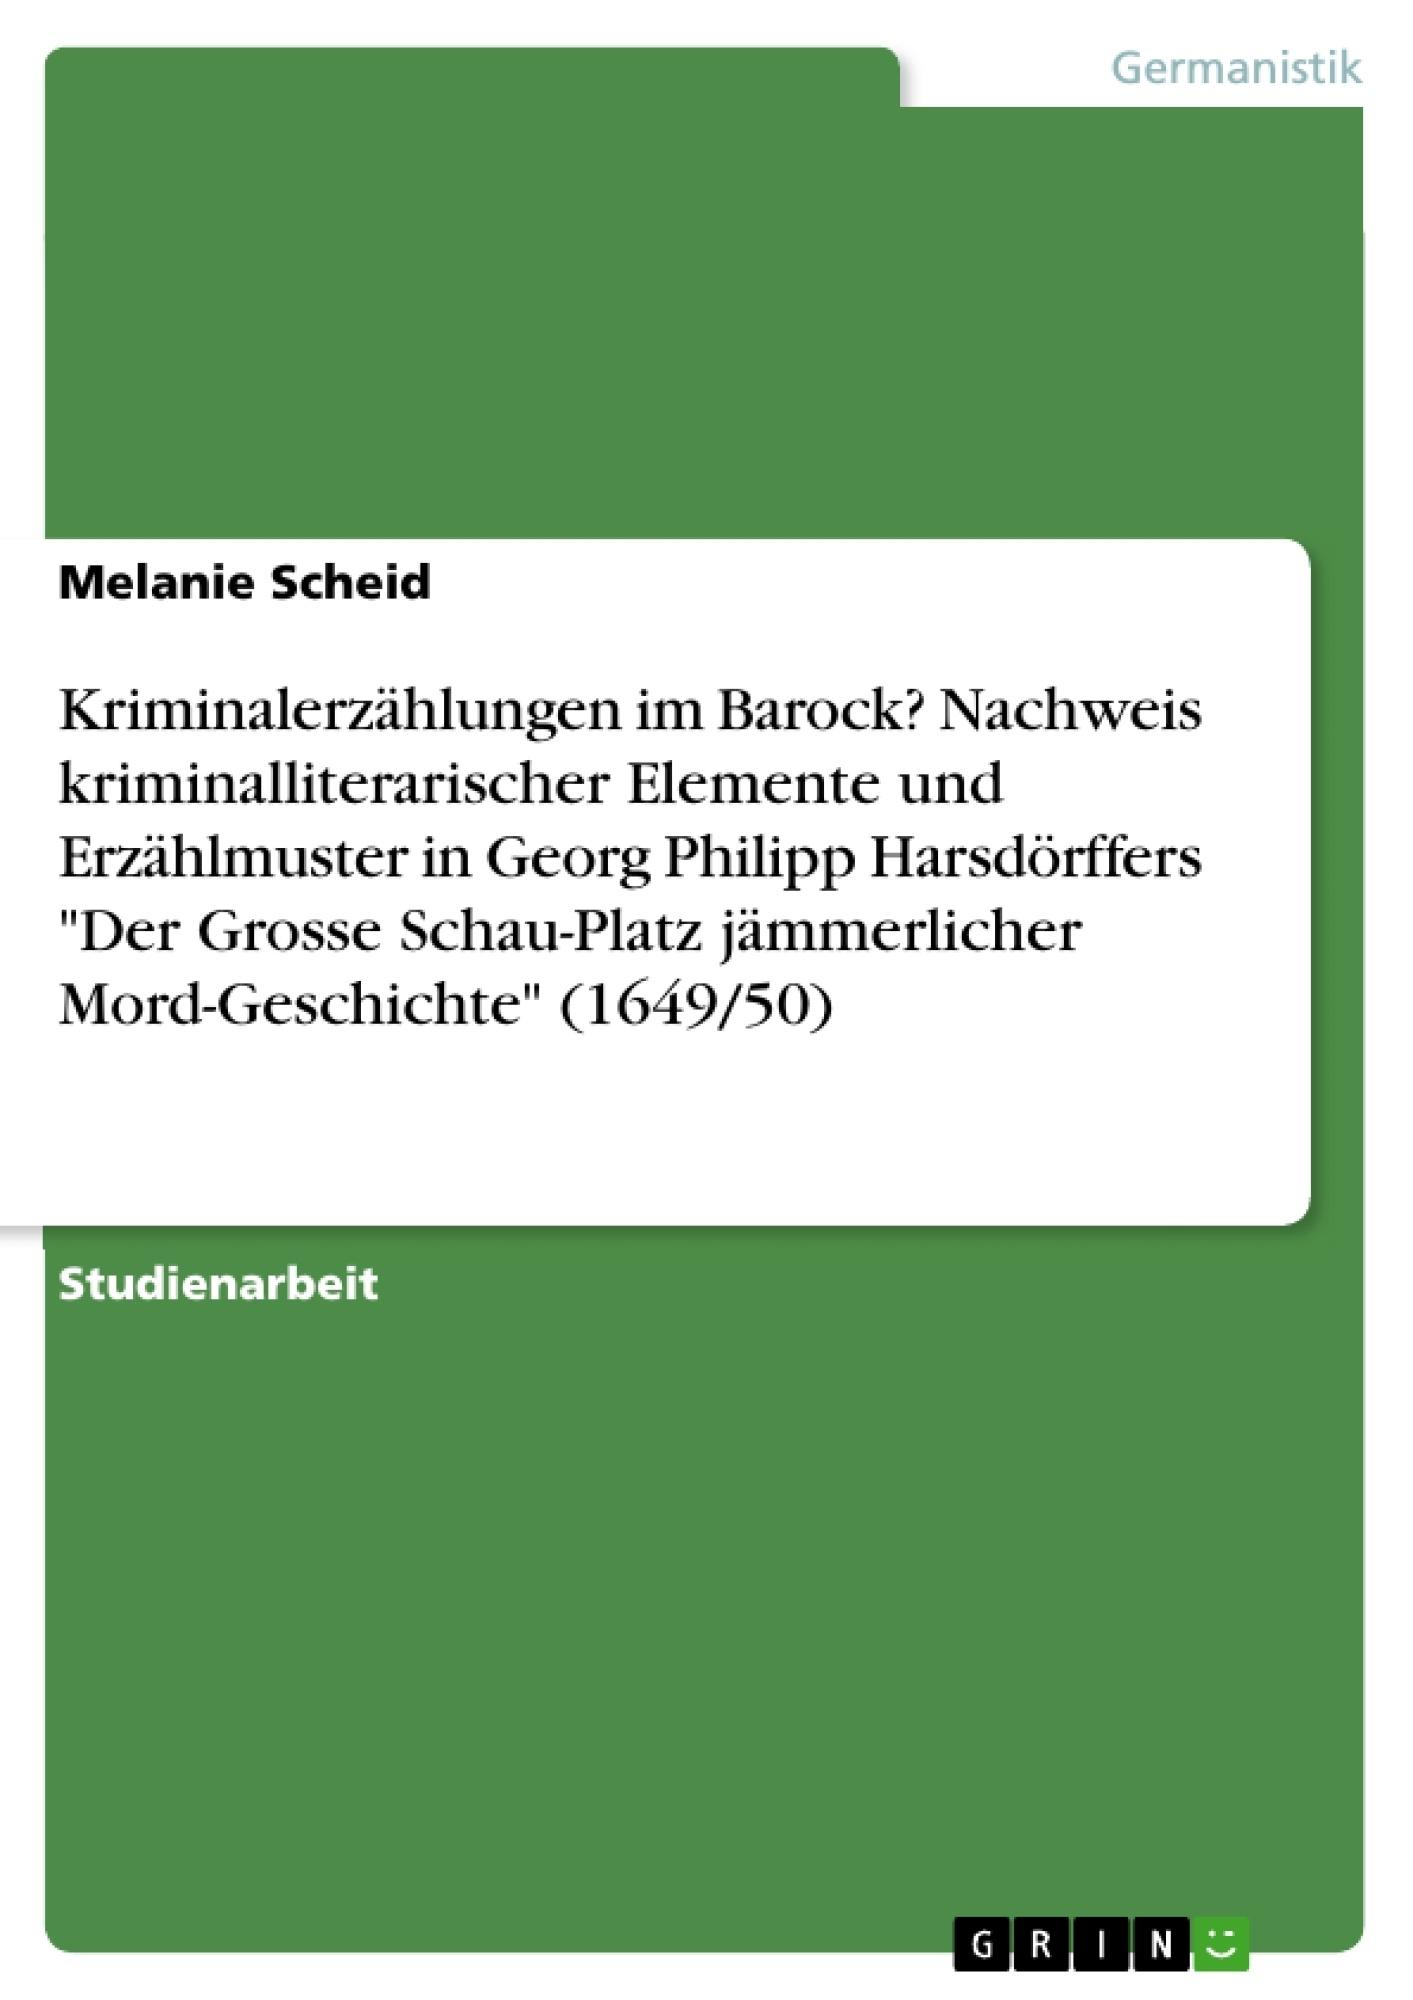 """Titel: Kriminalerzählungen im Barock? Nachweis kriminalliterarischer Elemente und Erzählmuster in Georg Philipp Harsdörffers """"Der Grosse Schau-Platz jämmerlicher Mord-Geschichte"""" (1649/50)"""